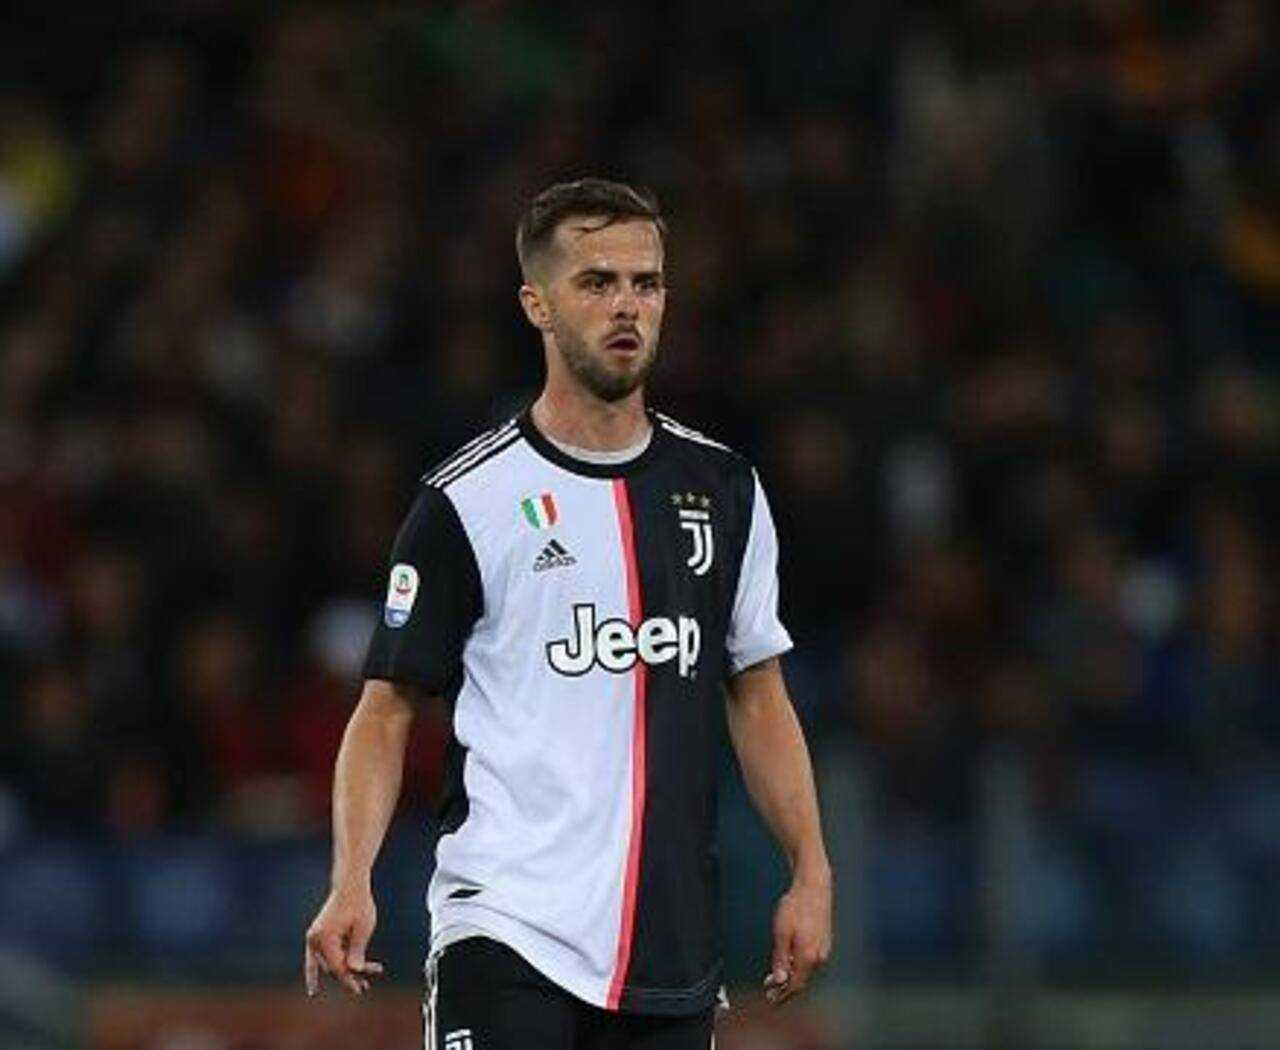 """Calciomercato Juventus, a che punto è la """"vecchia signora""""?"""